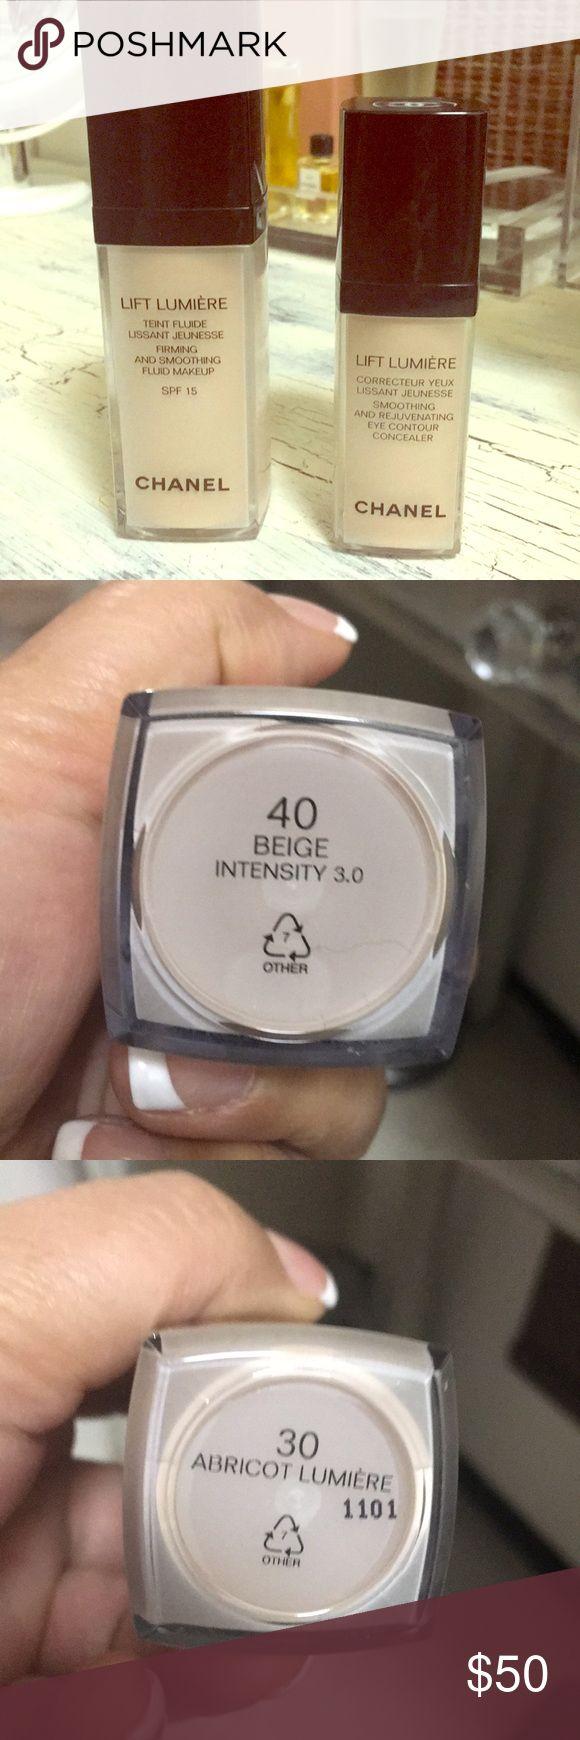 Chanel foundation & concealer duo Foundation #40 beige concealer #30 85% left on bottle. Makeup Foundation